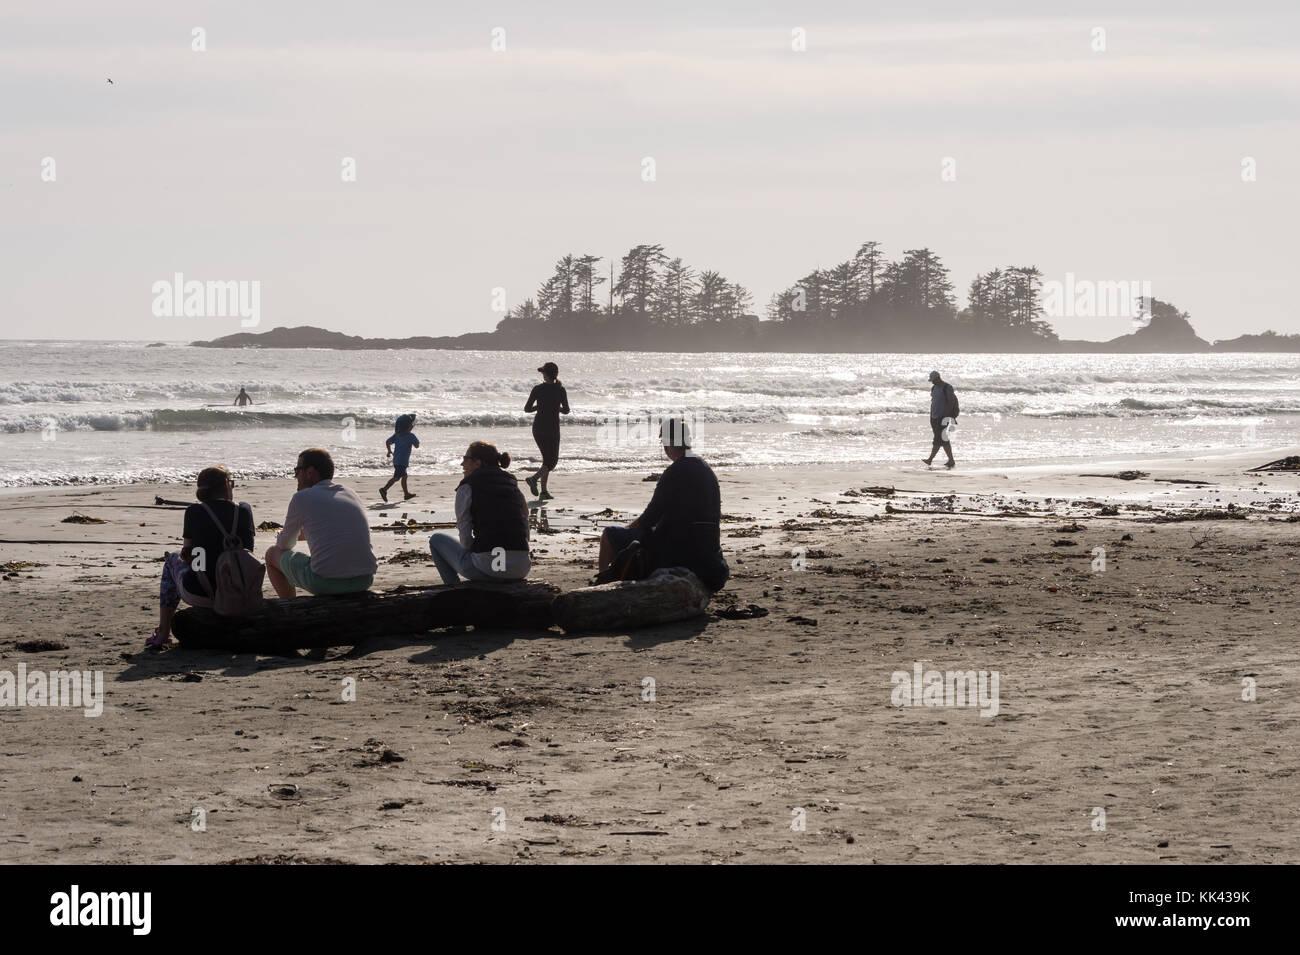 Chesterman Beach in der Nähe von Tofino, BC, Kanada (September 2017) - Familie sitzt auf hölzernen anmelden. Stockbild